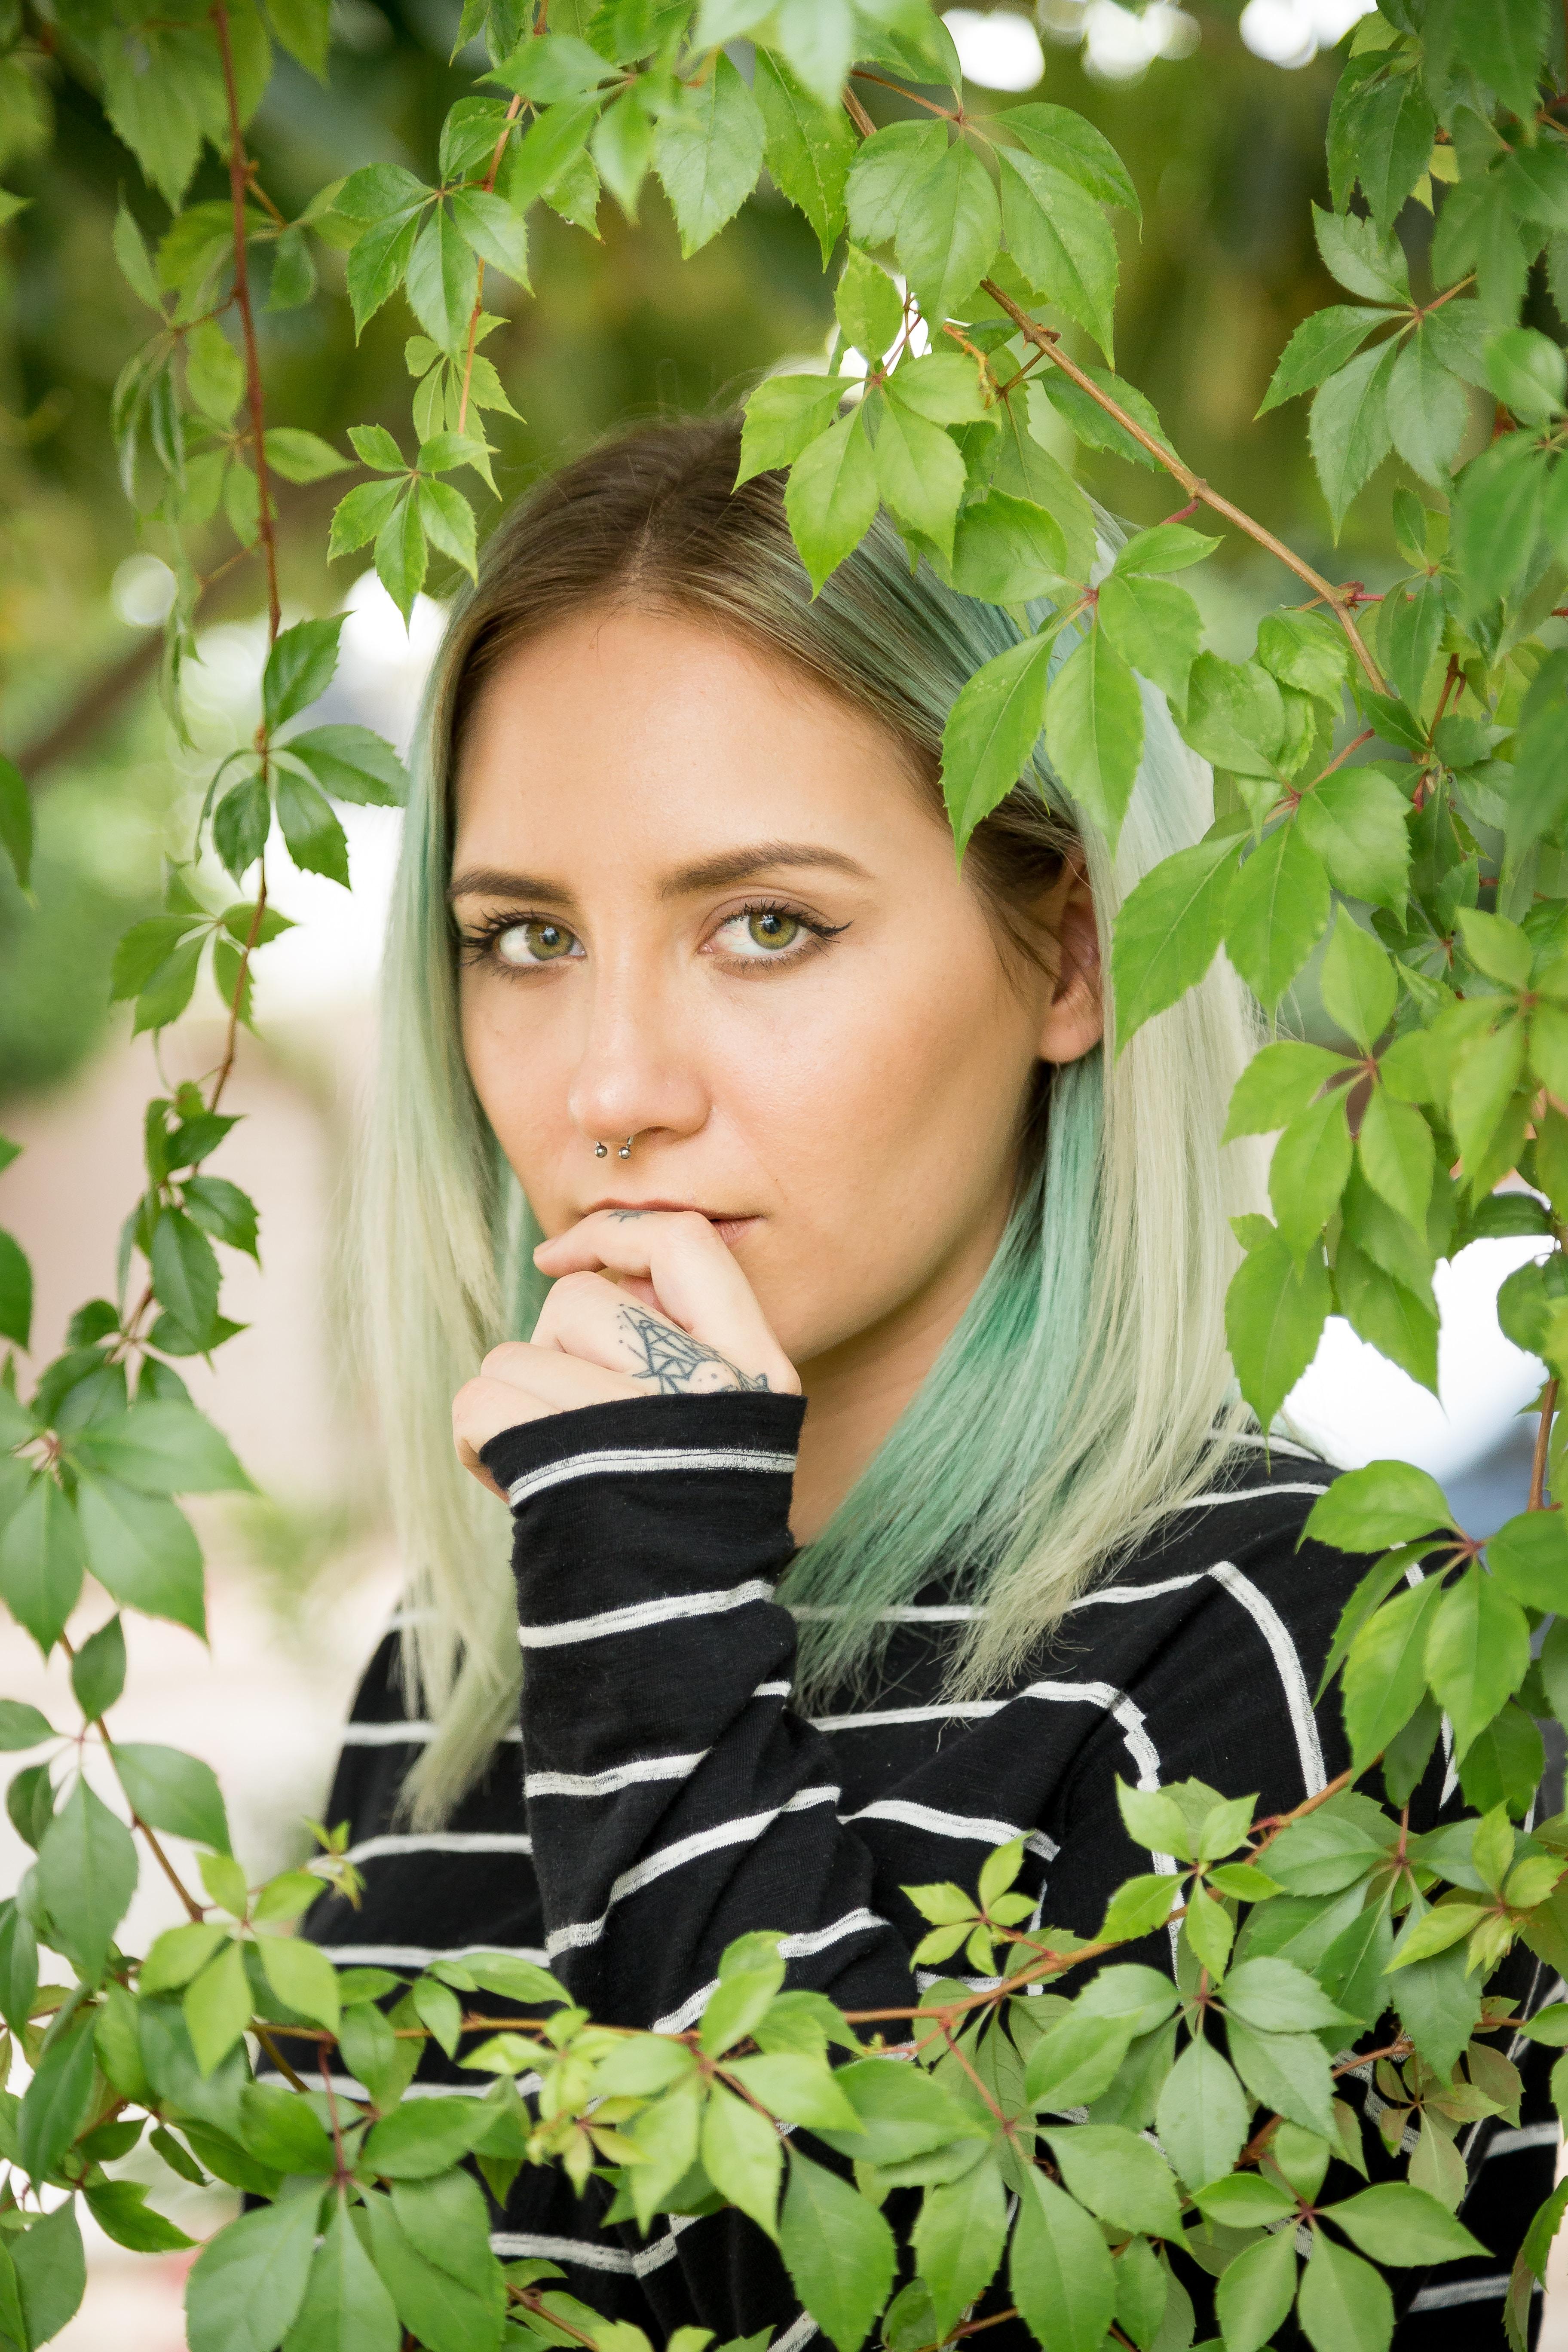 woman standing behind leaves